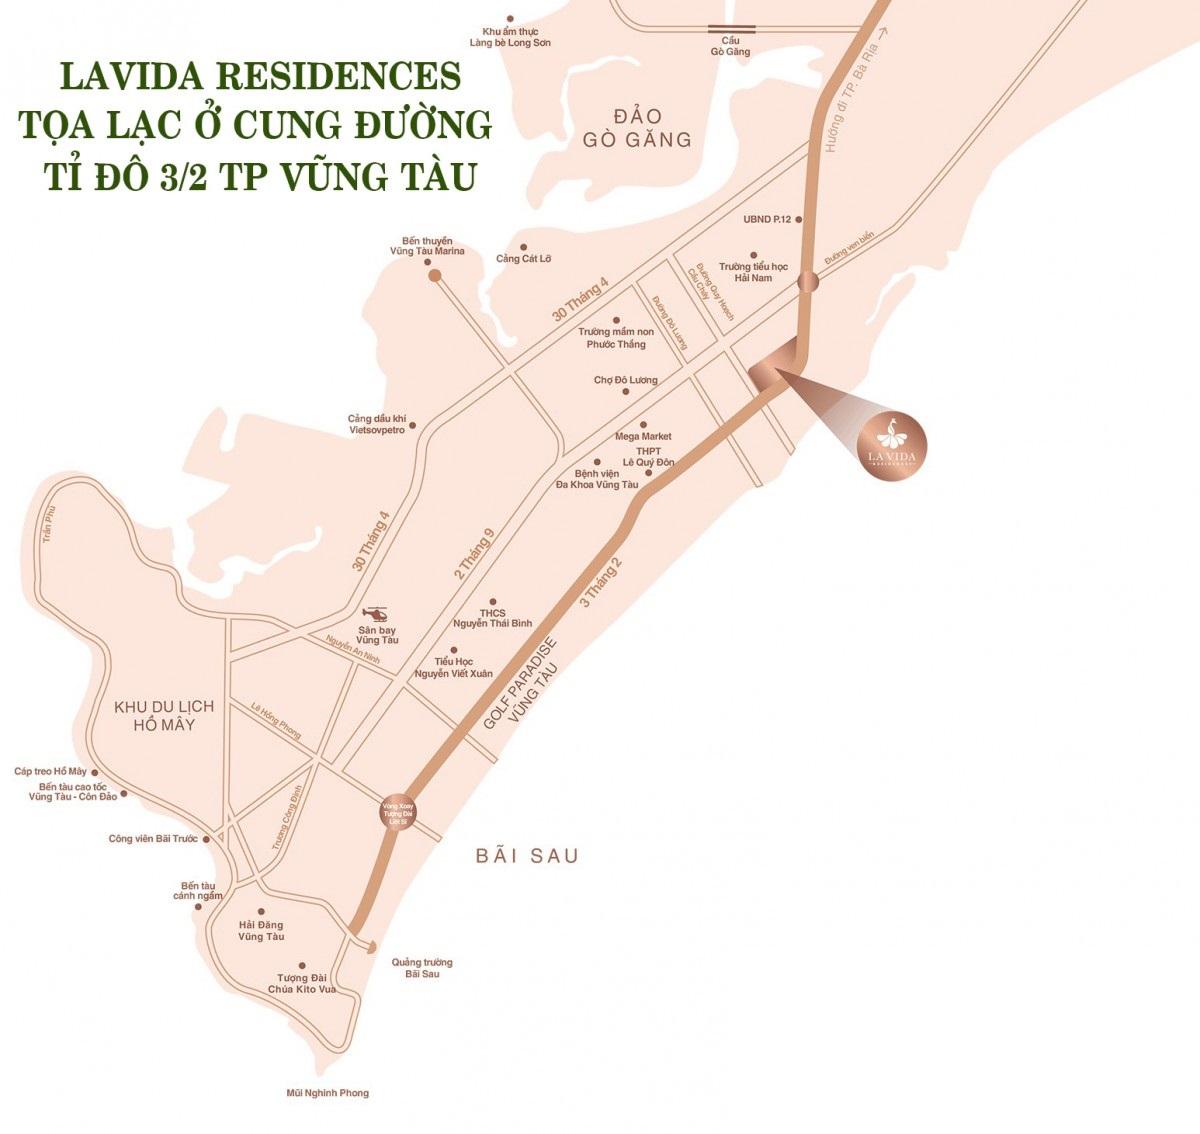 Vị trí dự án La vida residences vũng tàu